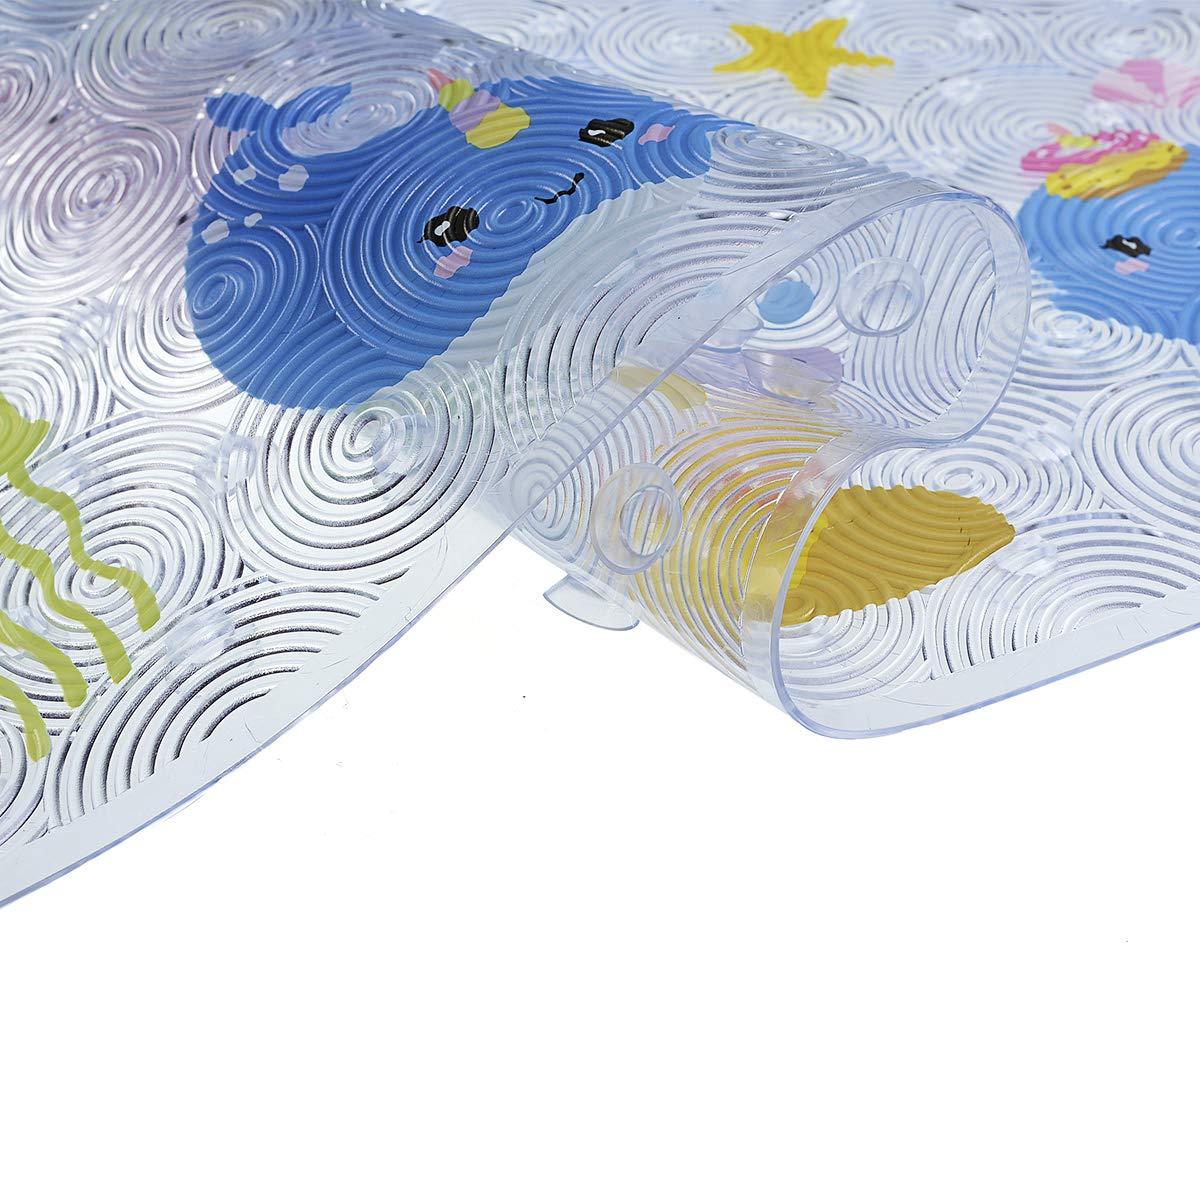 40x60 cm dise/ño de Pavo Real con patr/ón de c/írculos de Bullseye en Verde S,Alfombra Ba/ño//Habitaci/ón Microfibra Antideslizante Pluma Alfrombrillas Yaoni Alfombrilla Antideslizante para el ba/ño